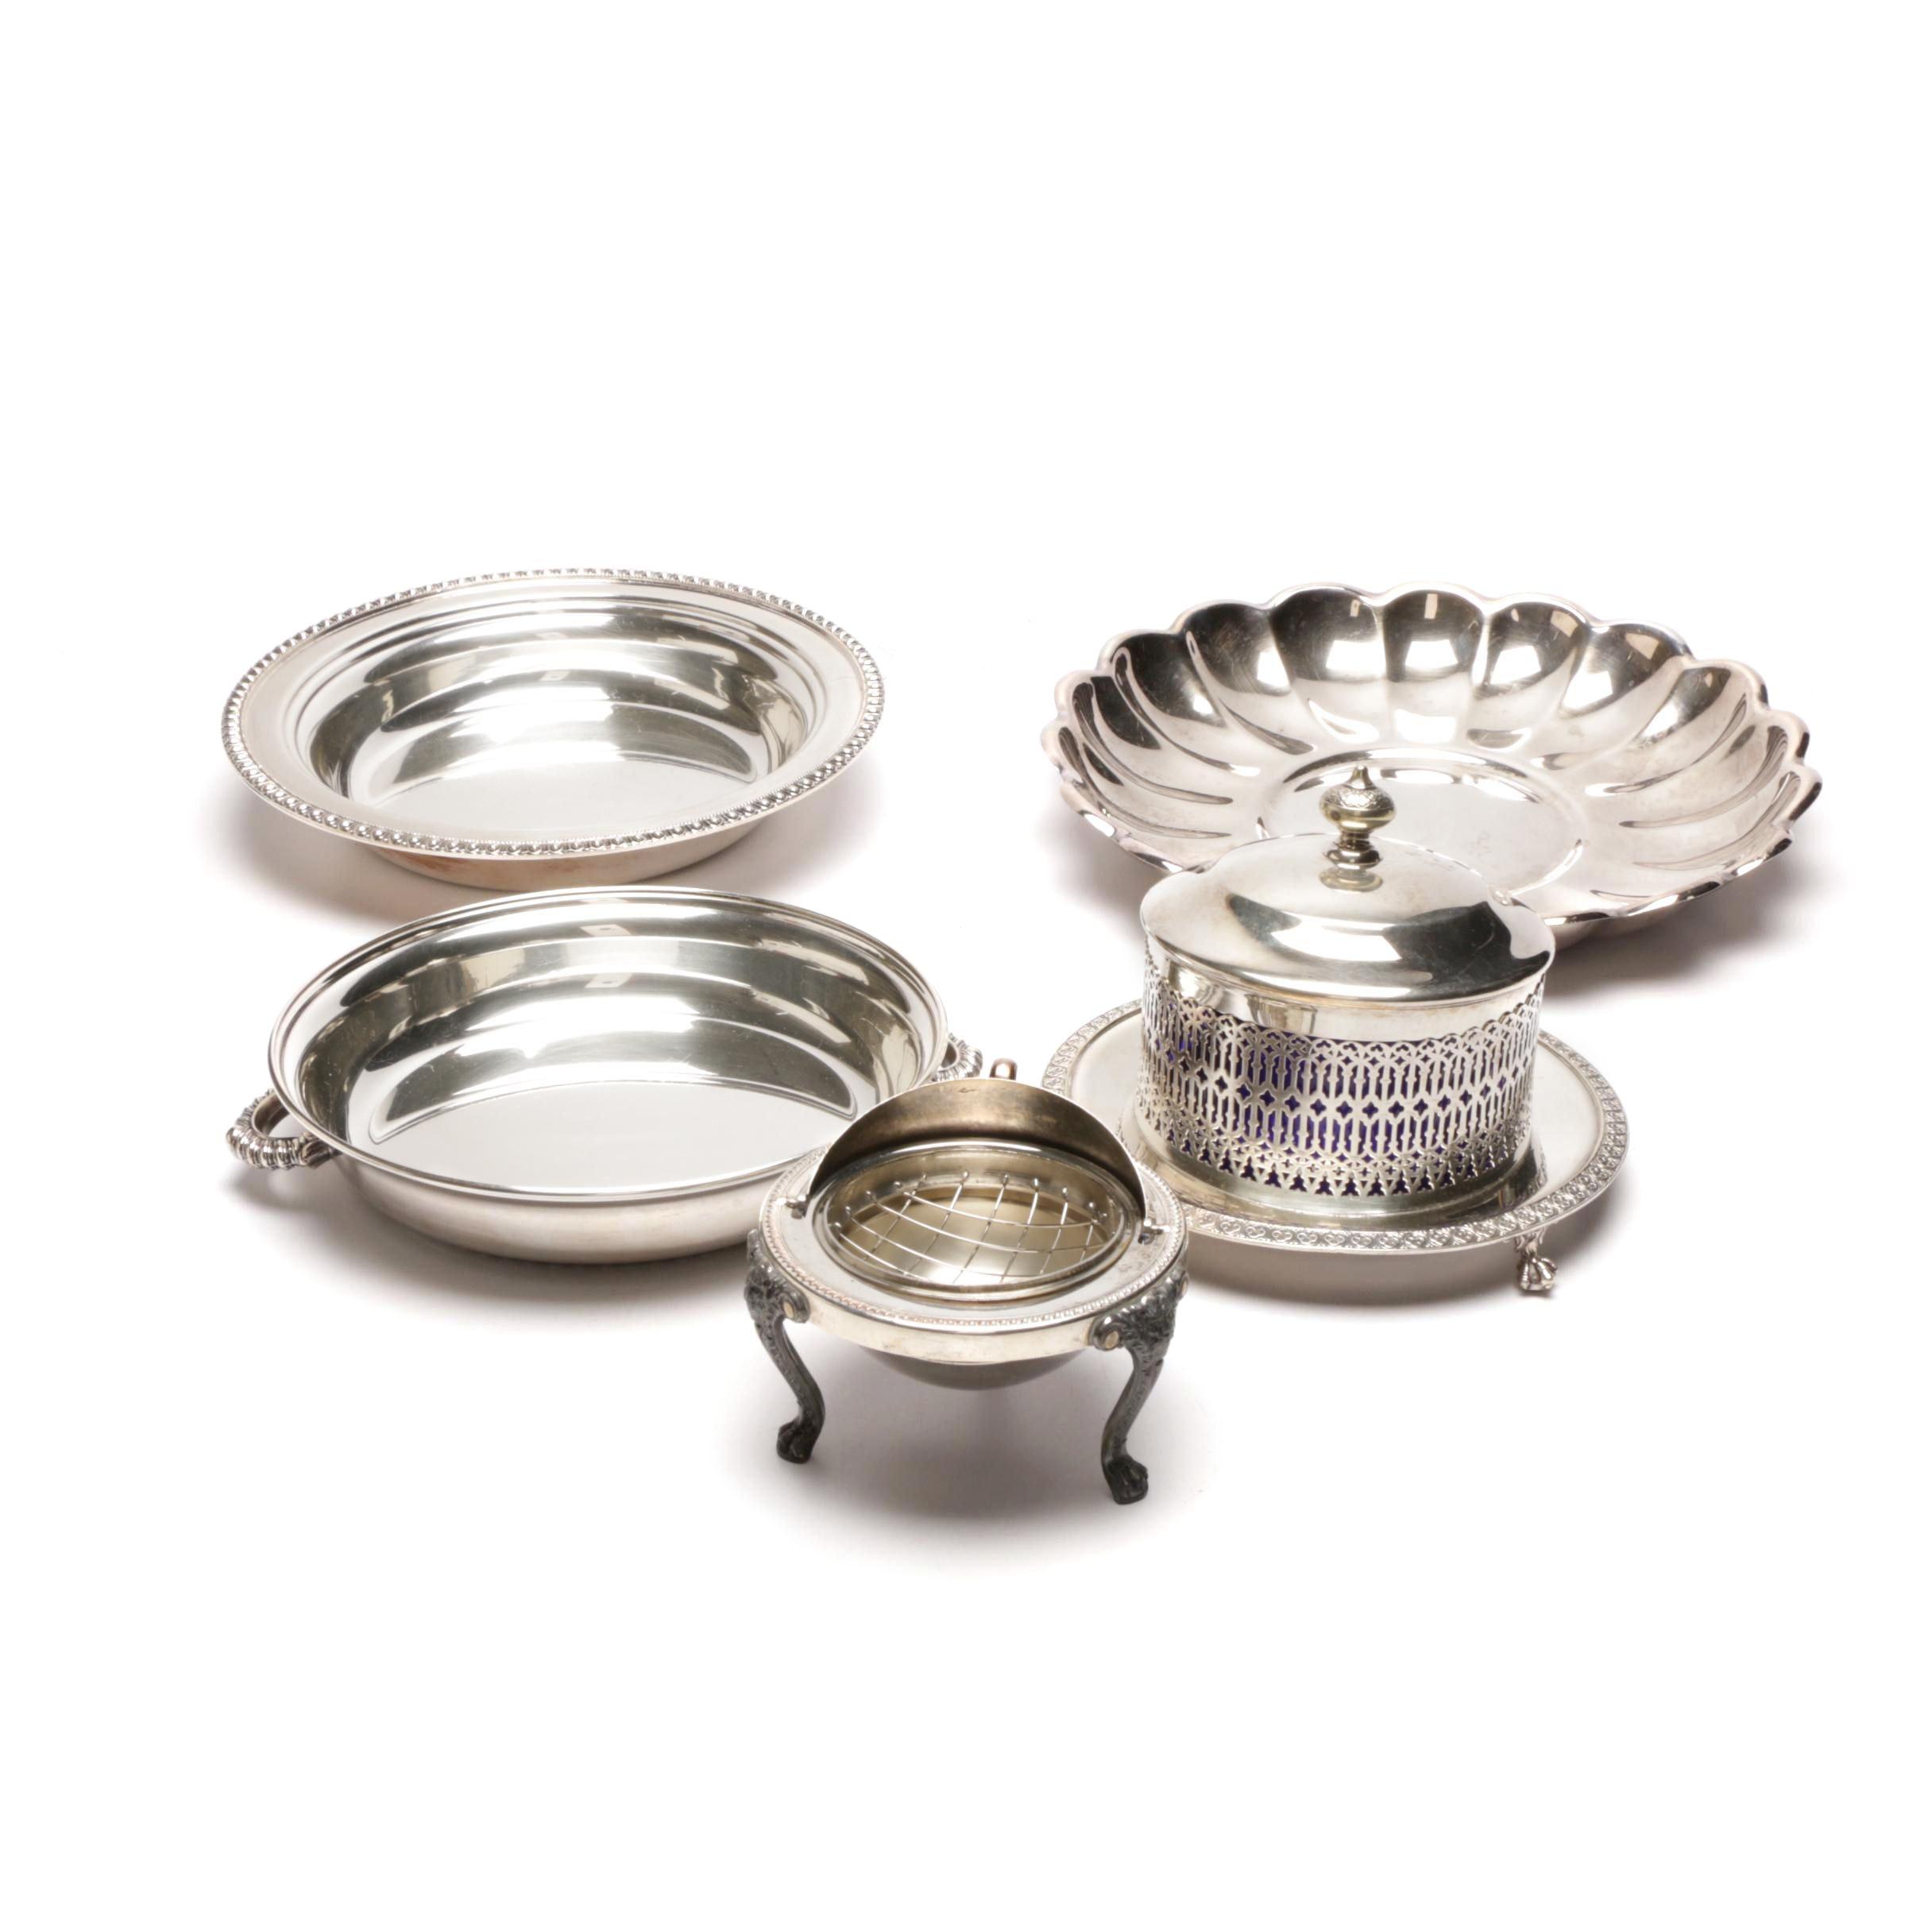 Silver Plate Serveware